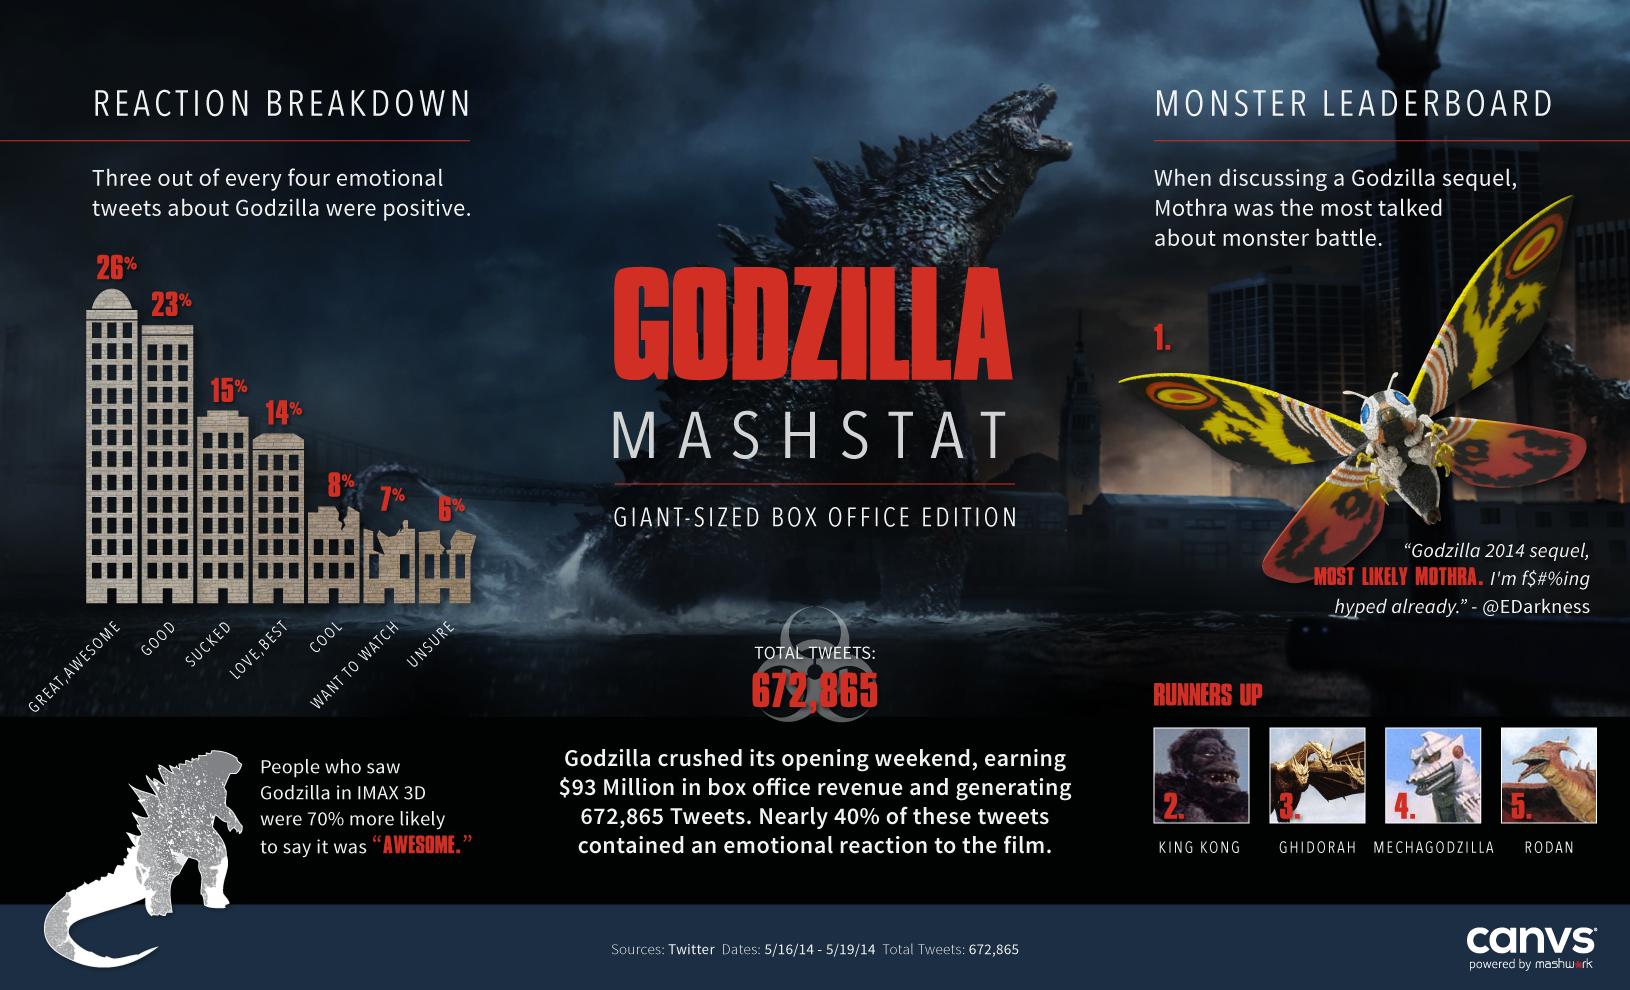 Godzilla Mashstat